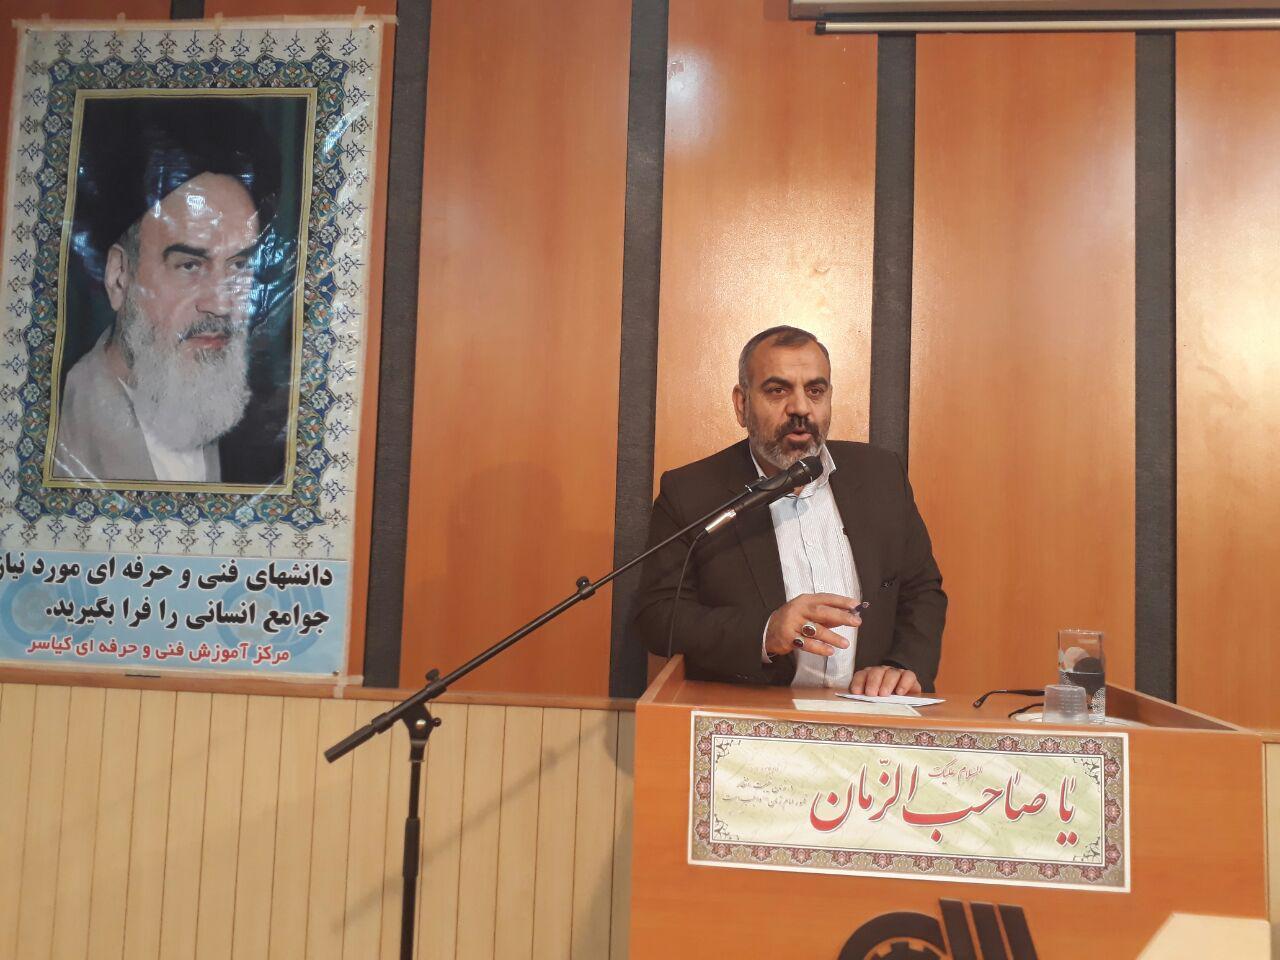   ساماندهی فعالیت های بانوان کیاسر با تشکیل کمیته امور بانوان